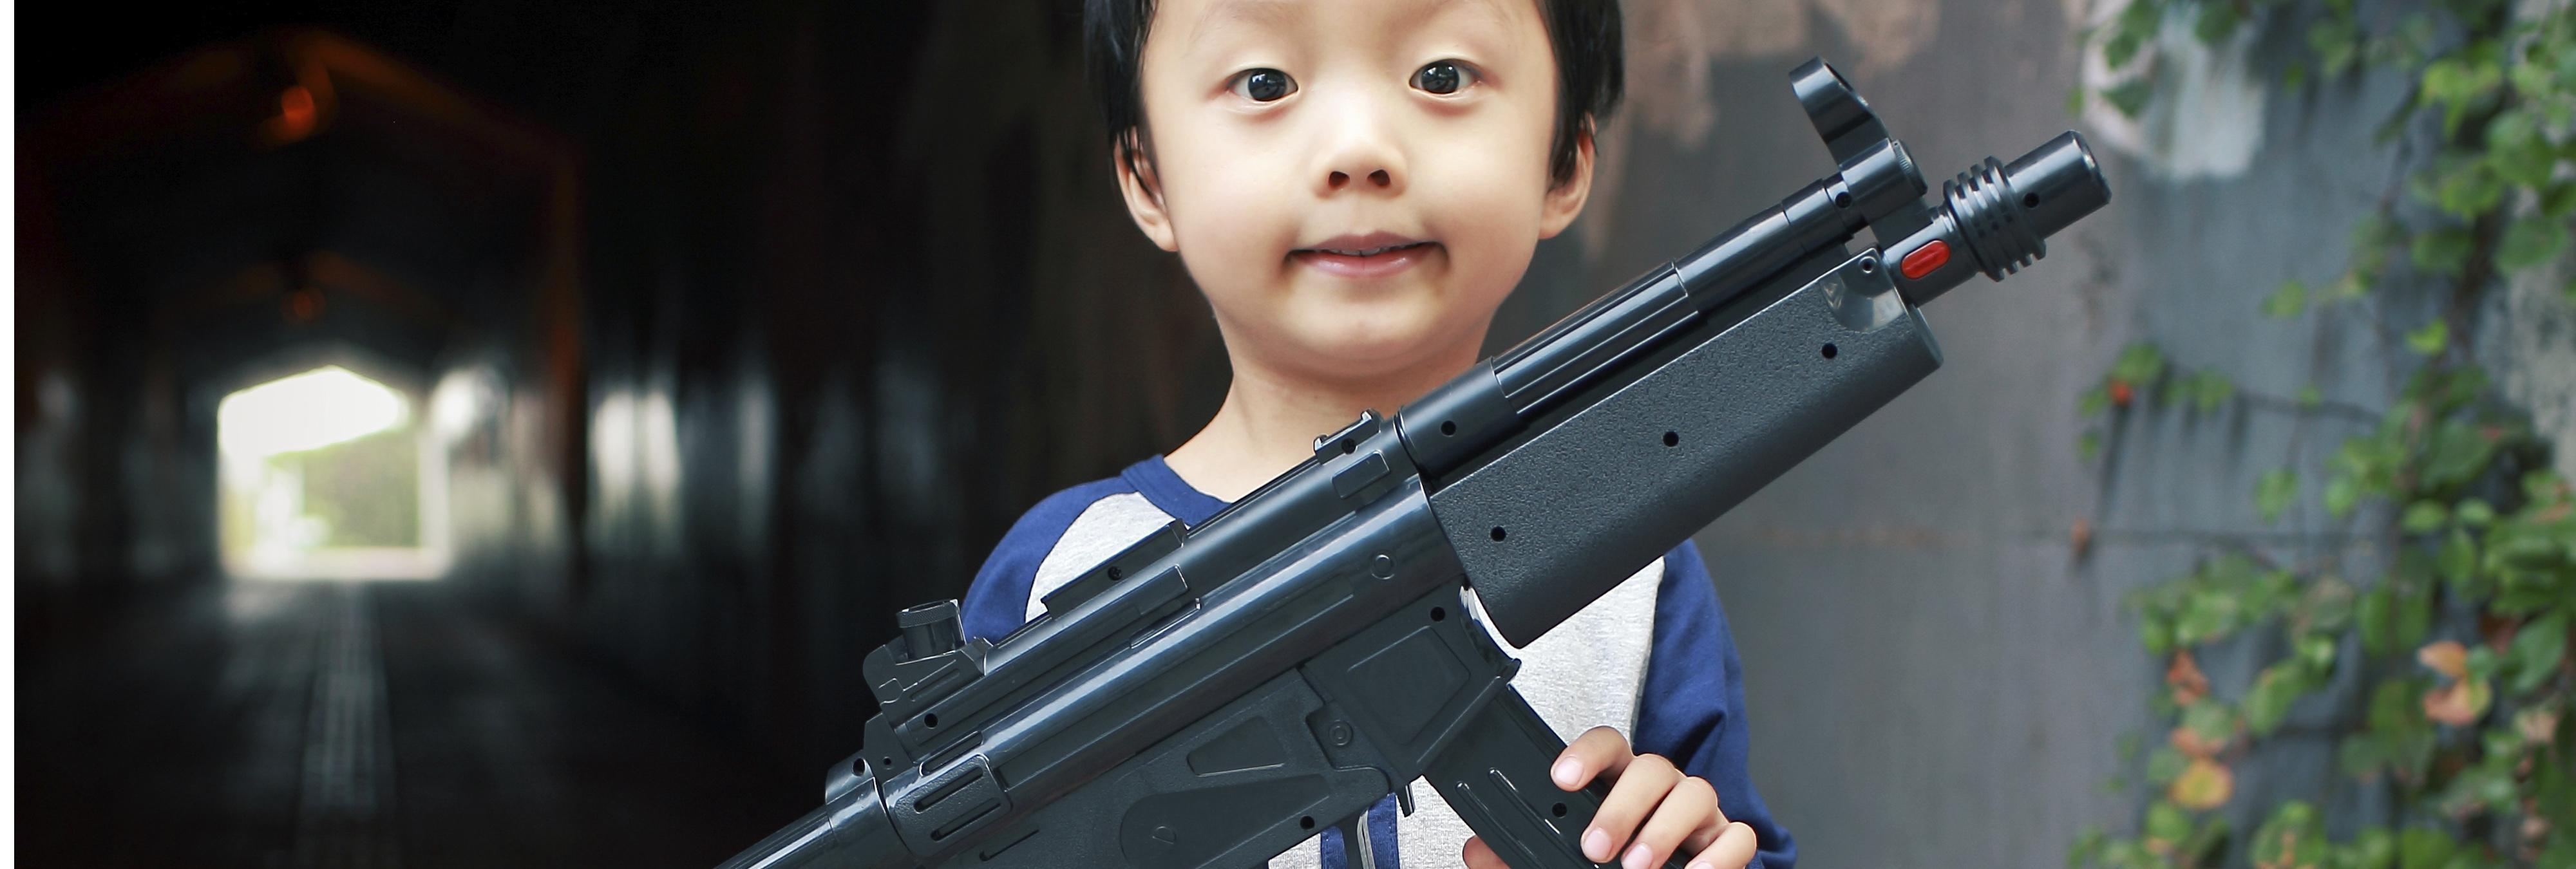 Pánico en Madrid con una guardia civil disfrazada y su fusil de juguete